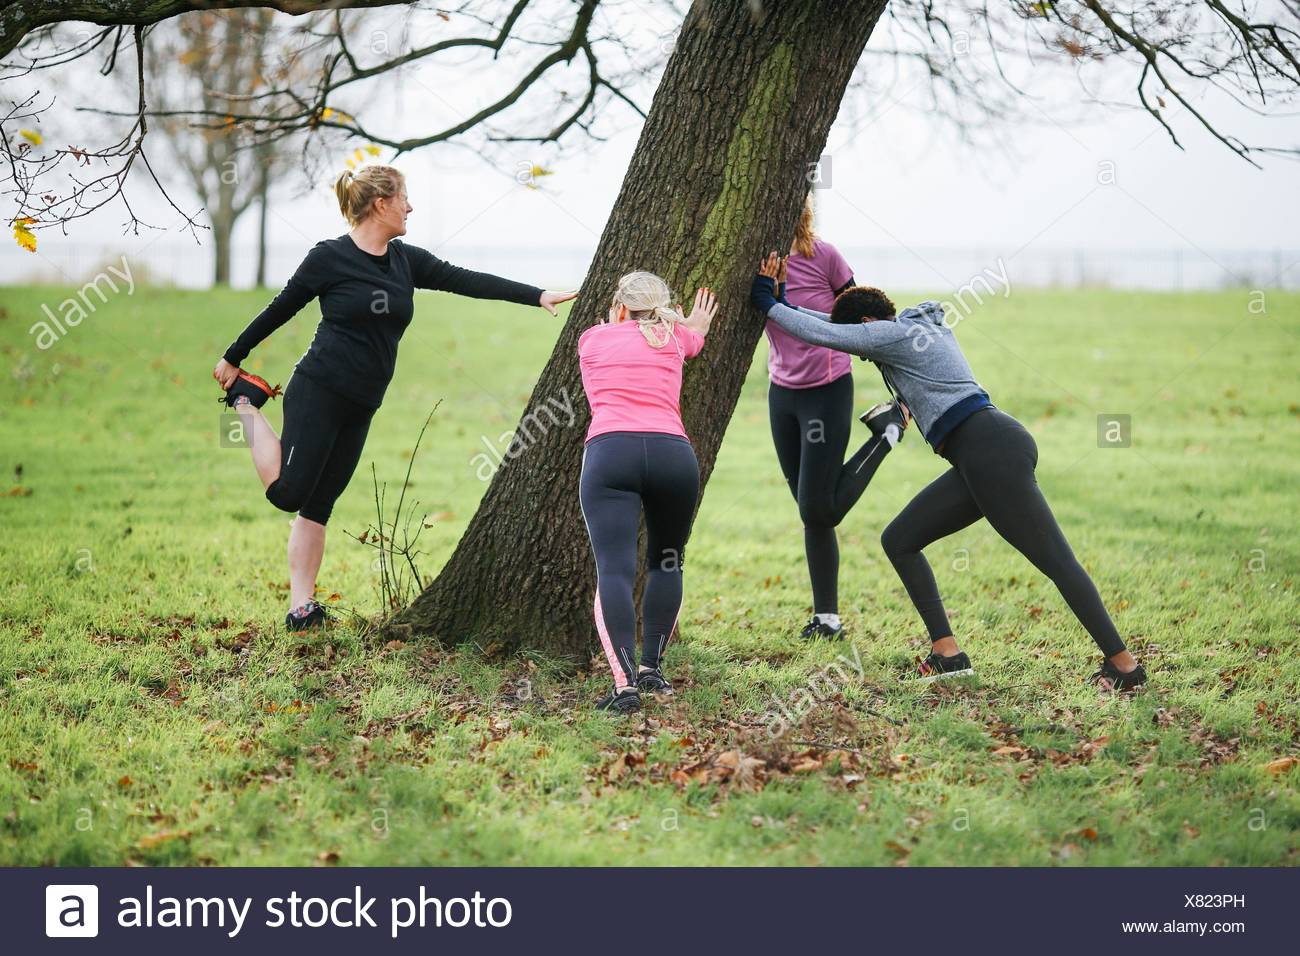 Le donne e i giovani facendo warm up esercizi intorno al parco tree Immagini Stock